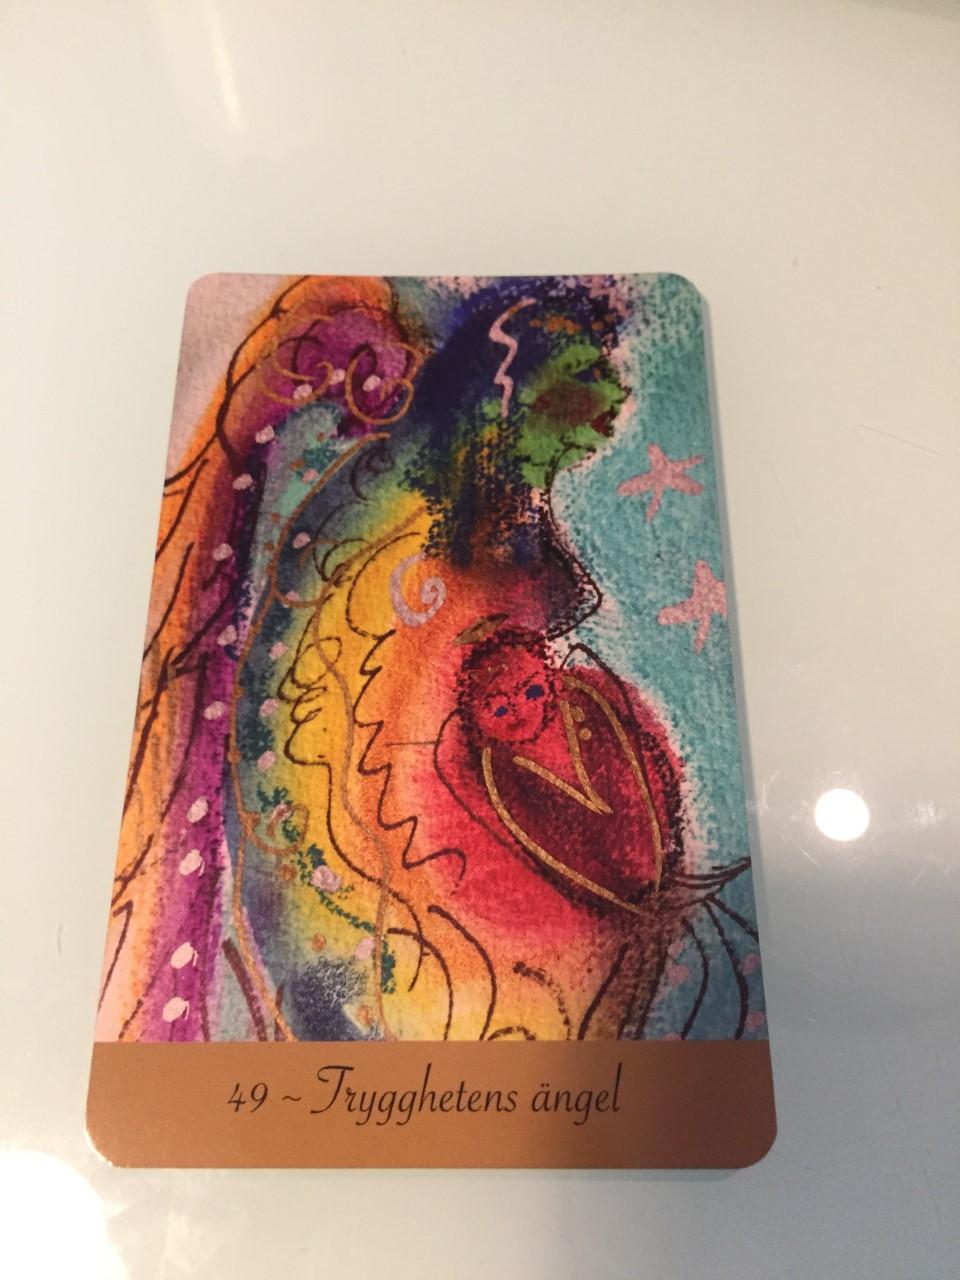 Veckans budskap – Trygghetens ängel